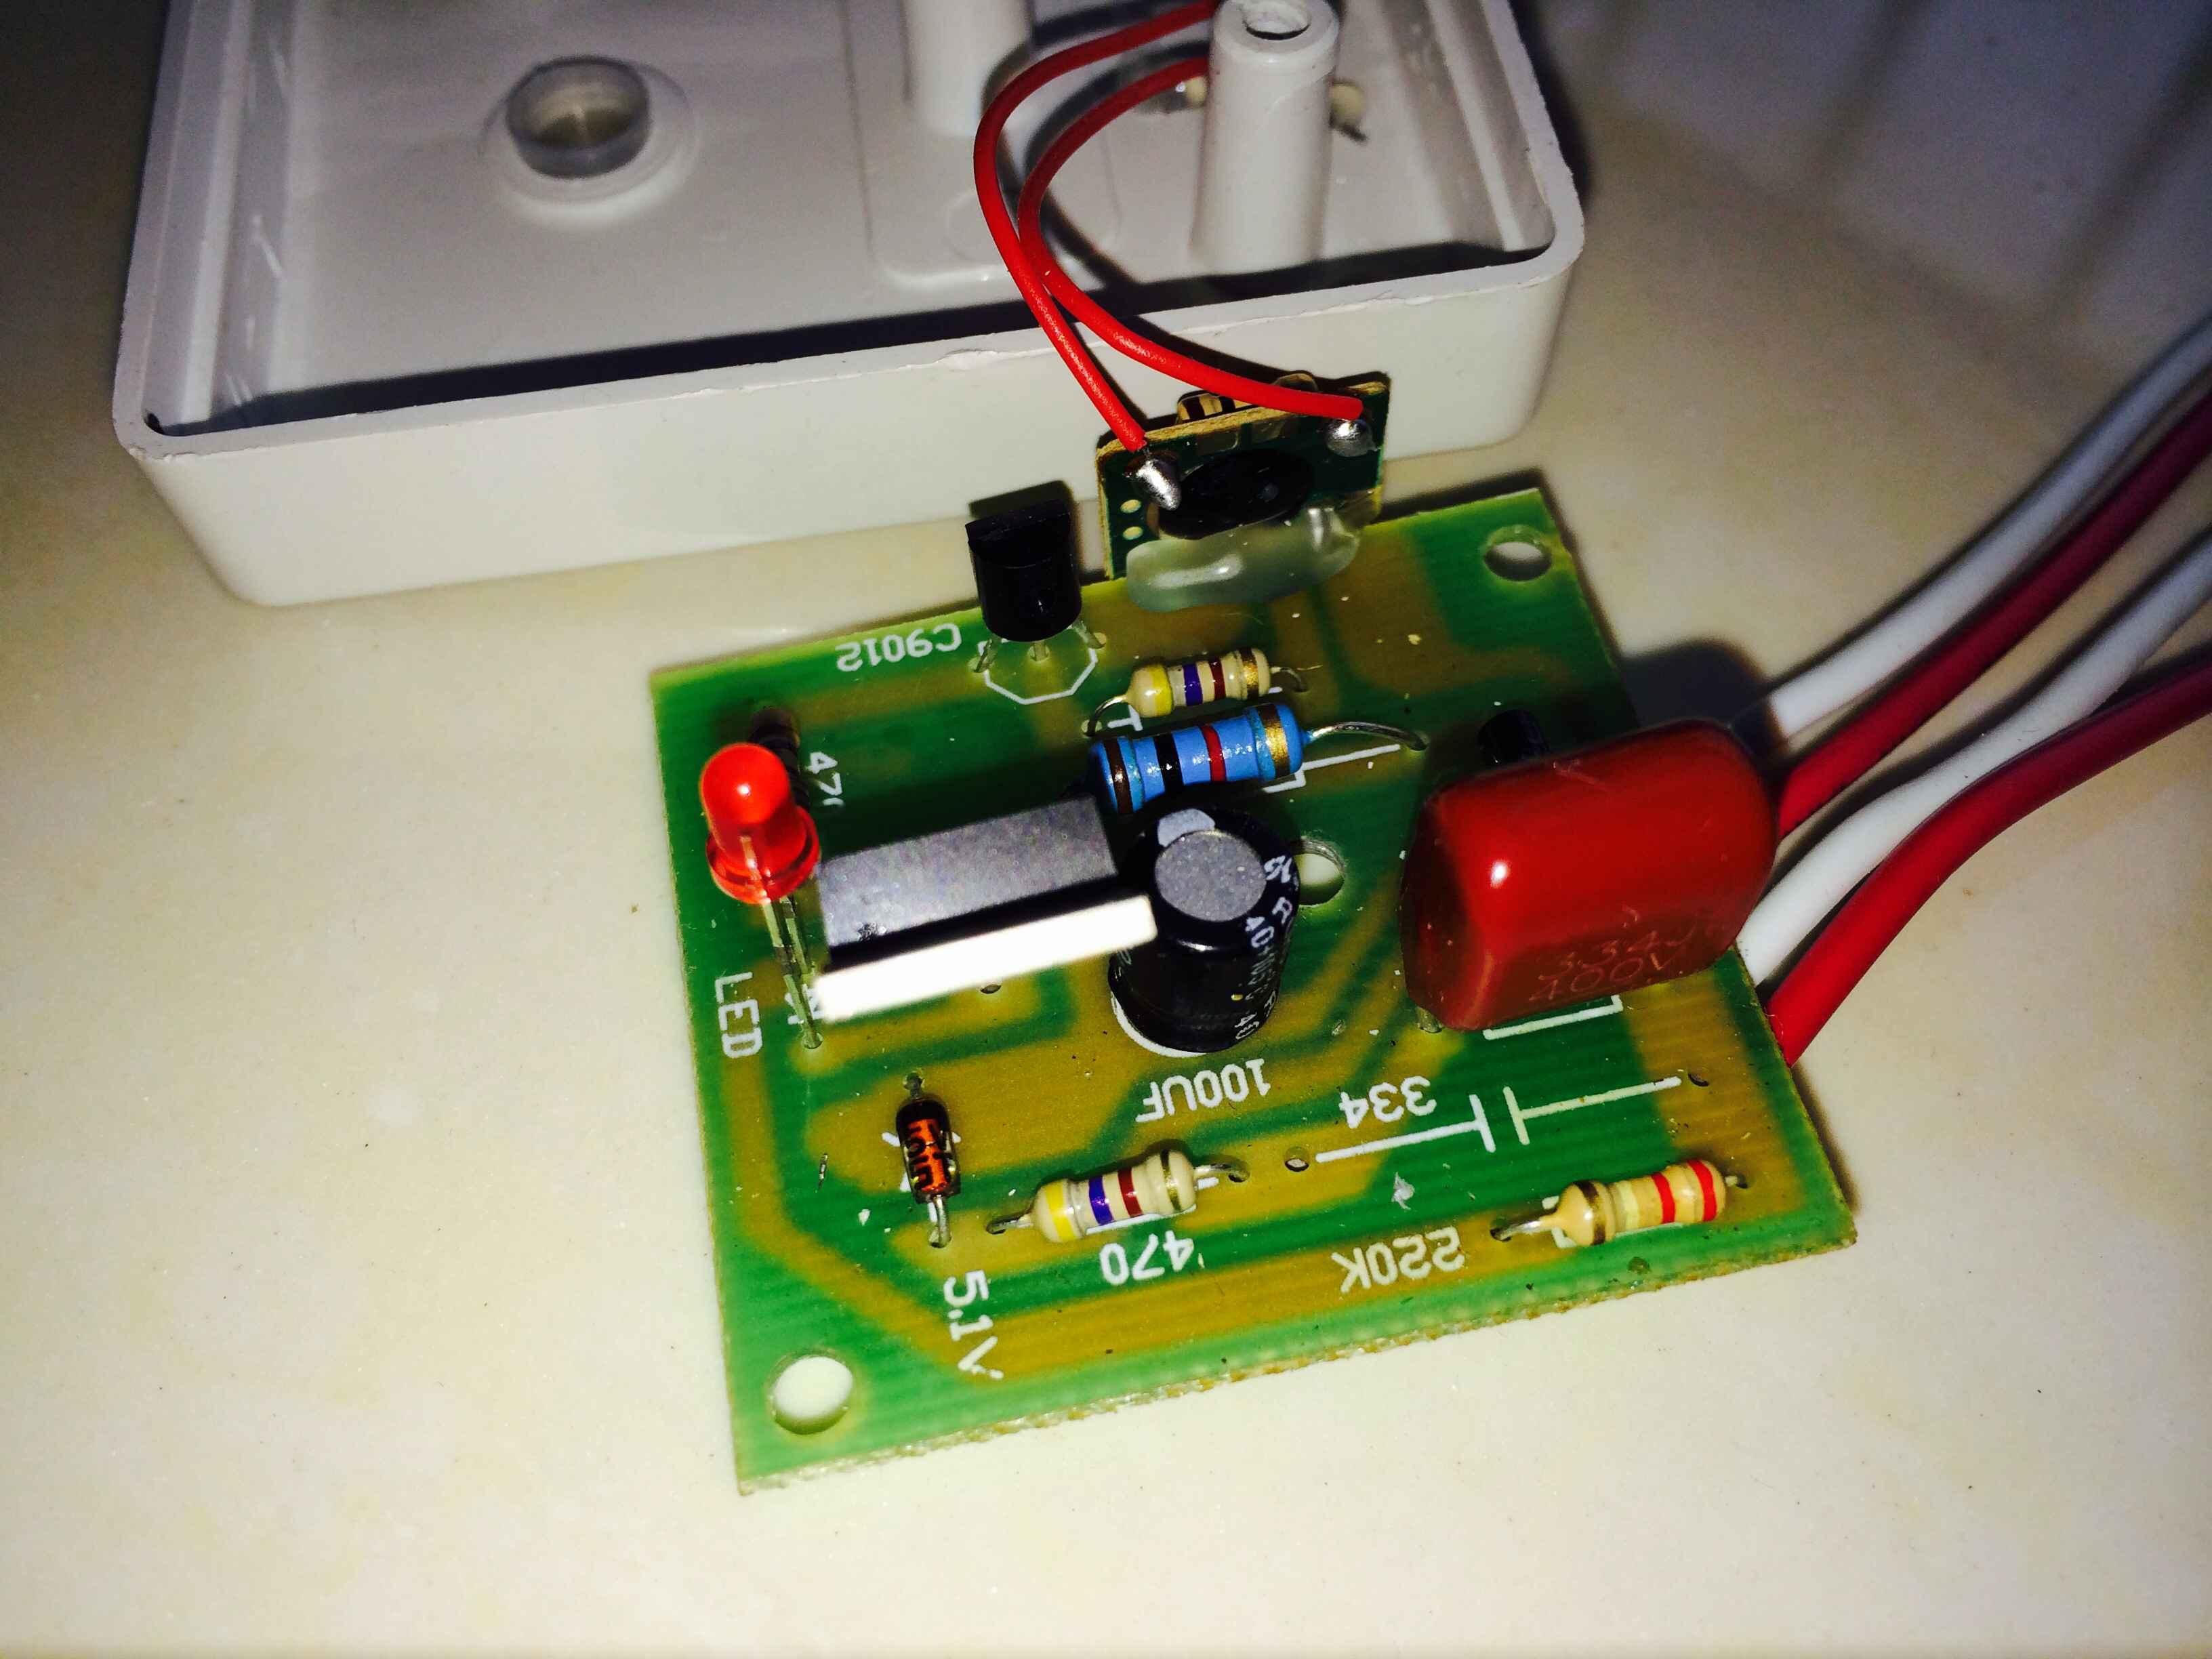 求大神解释下这块主电路板上的副电路板能否用一个三脚的电位器替换